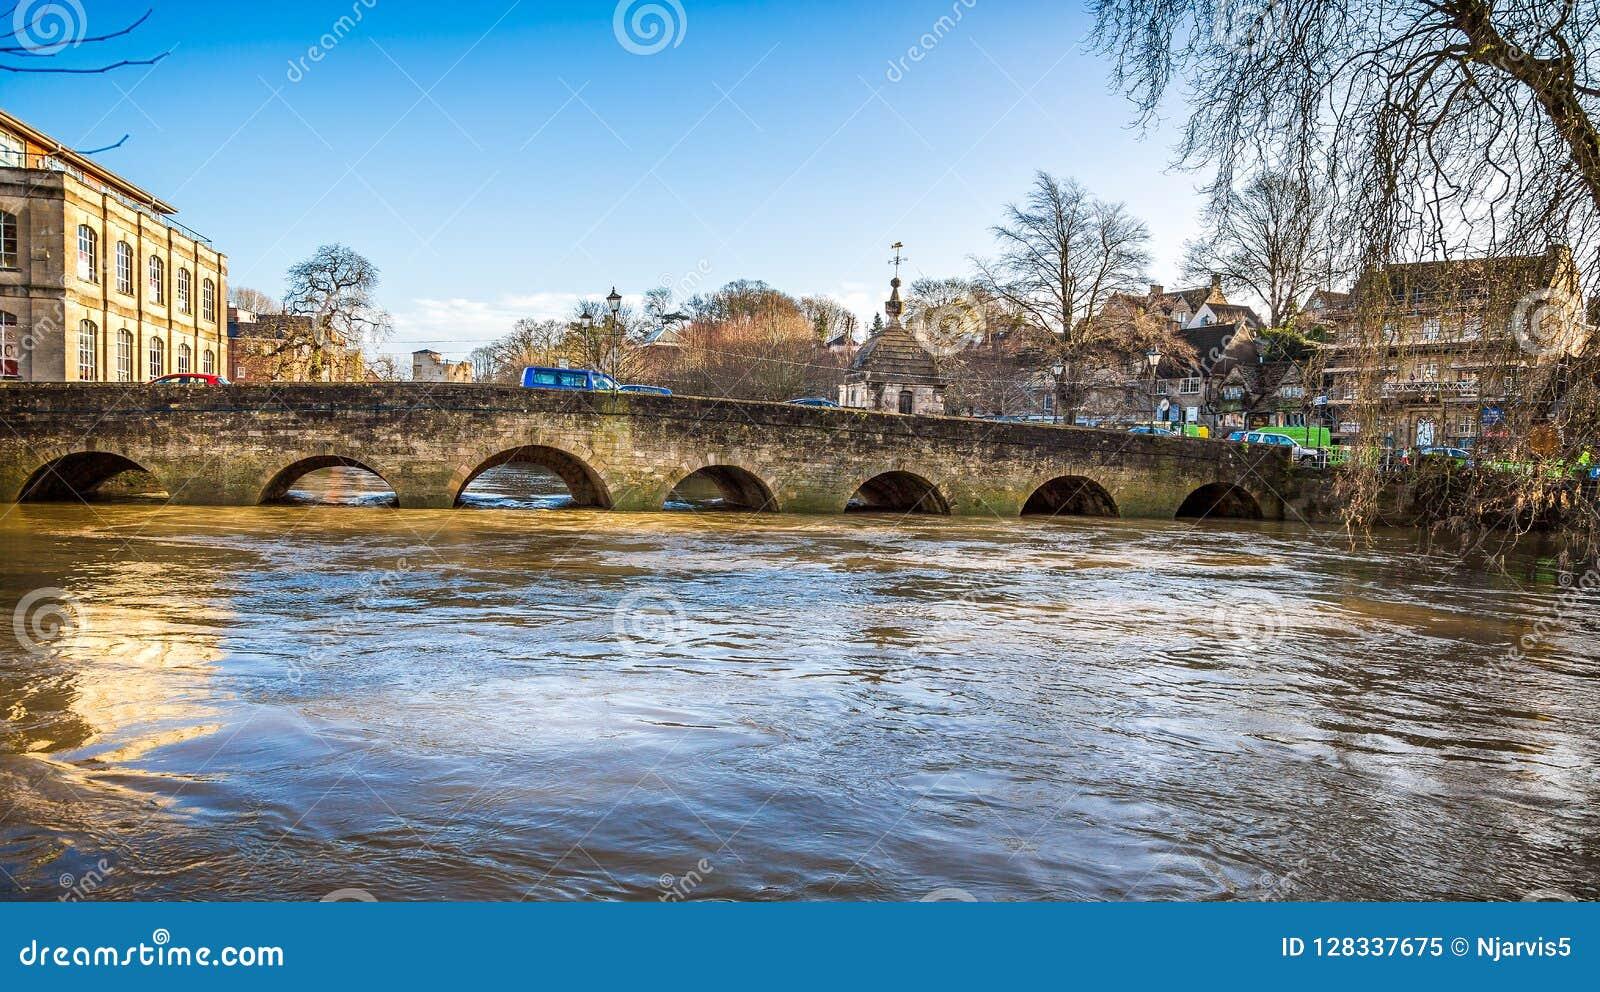 Нагнетаемые в пласт воды Эвона реки под Брэдфордом на мосте Эвона в Уилтшире, Великобритании